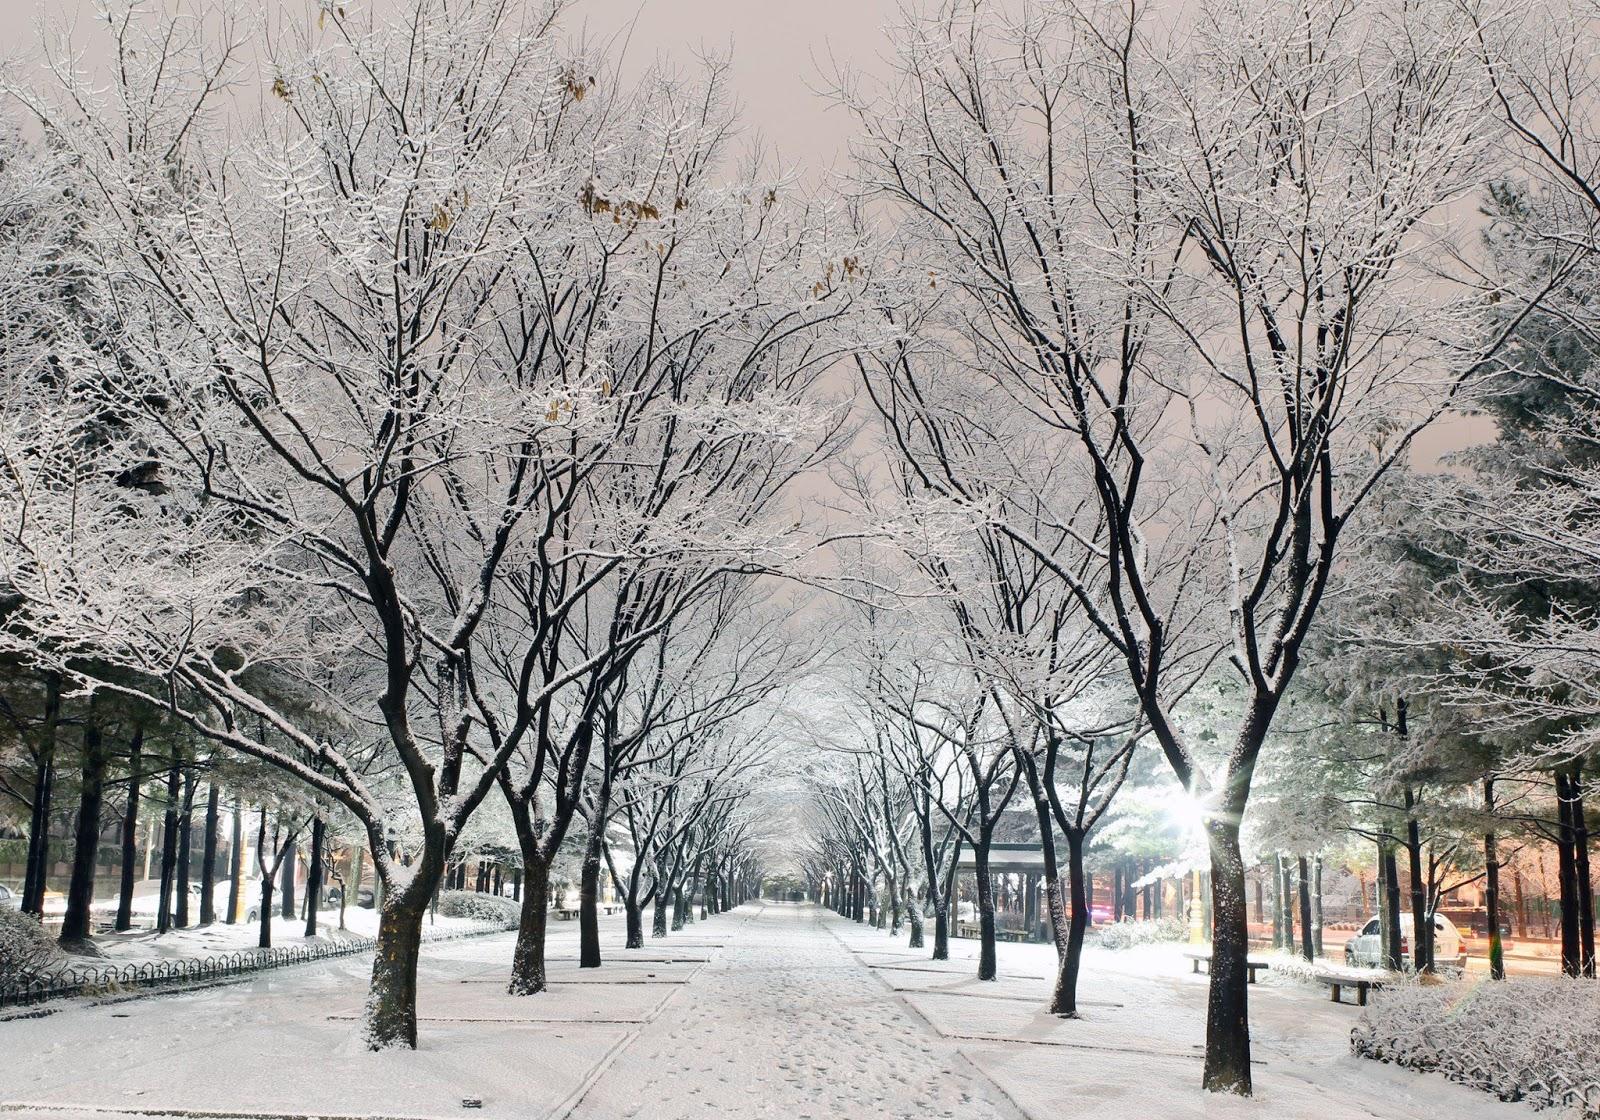 Hình ảnh con đường tuyết rơi cực đẹp